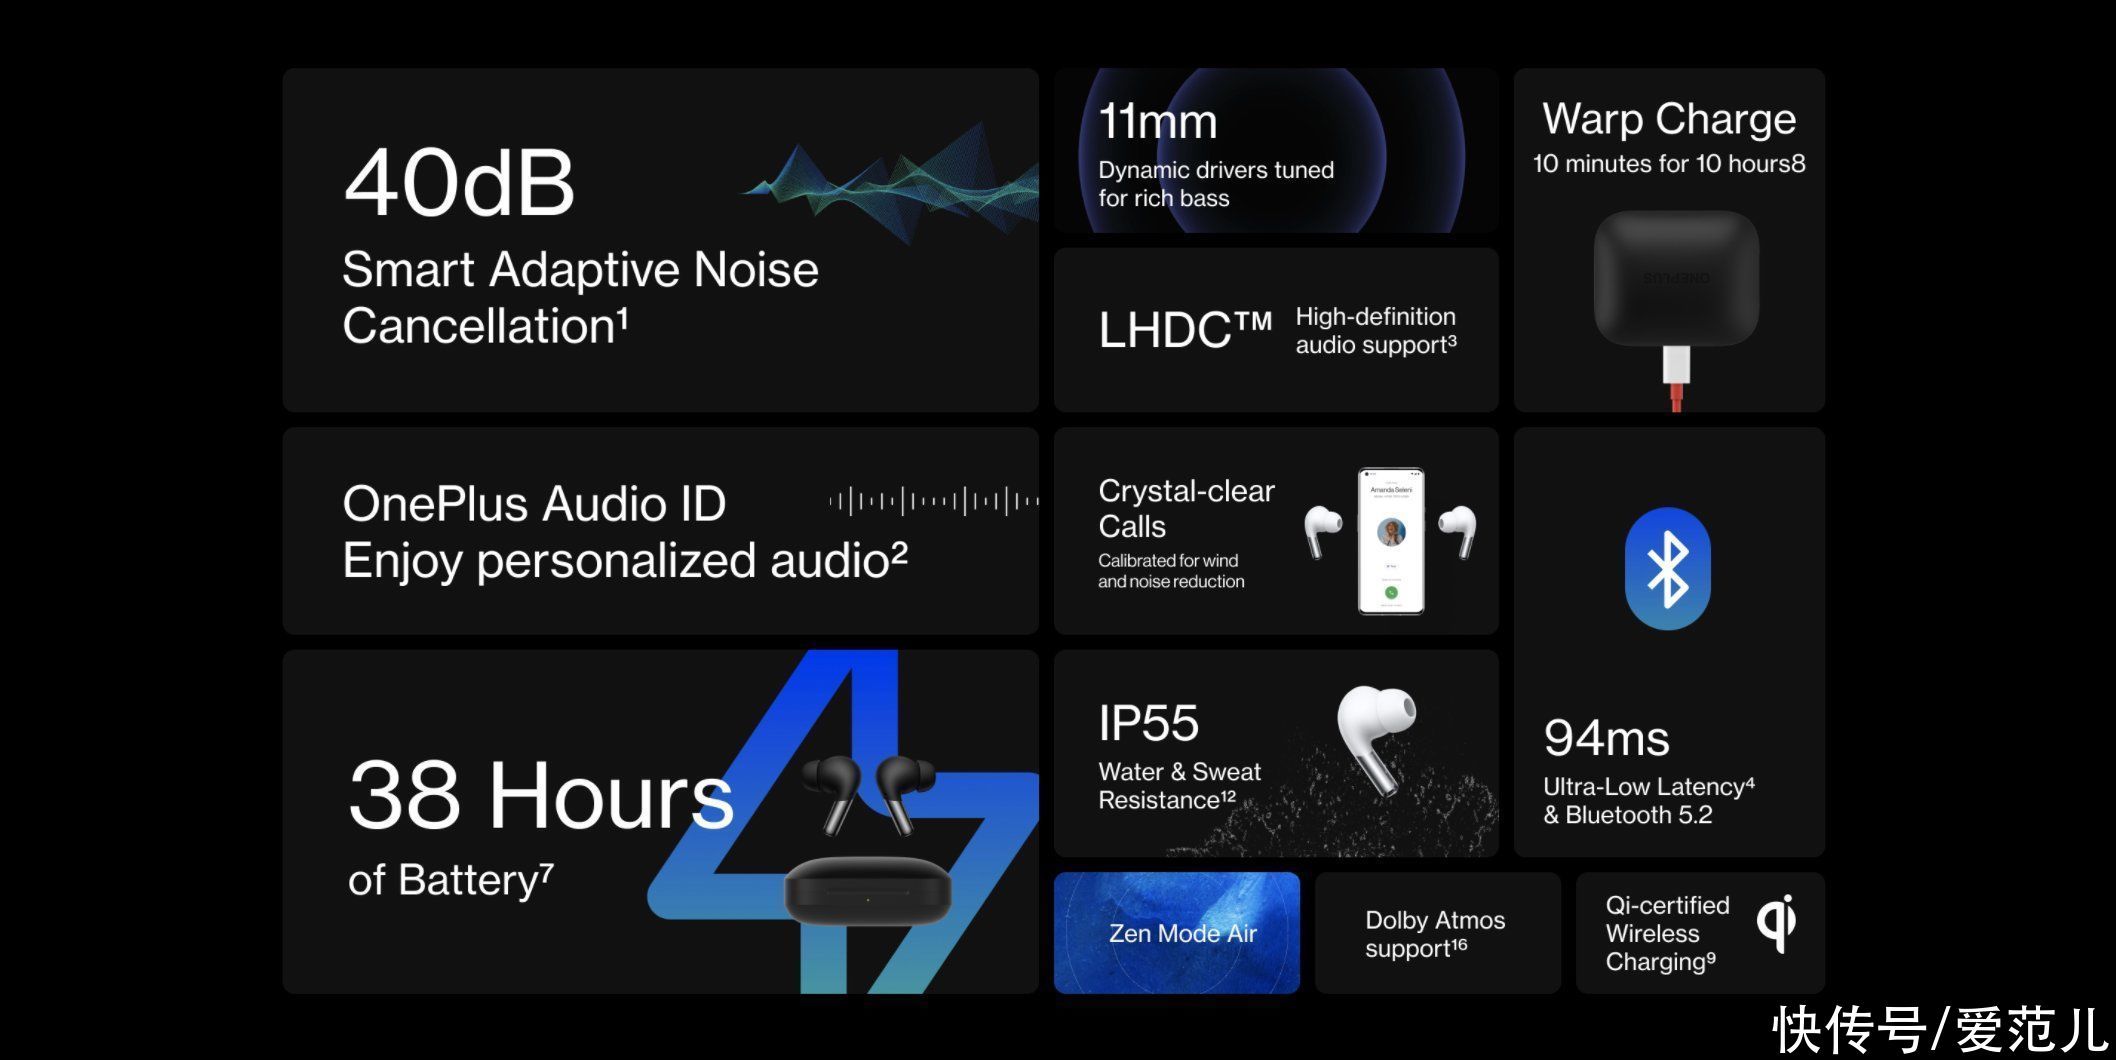 腔体|一加新款旗舰级降噪真无线耳机,Buds Pro 即将发布